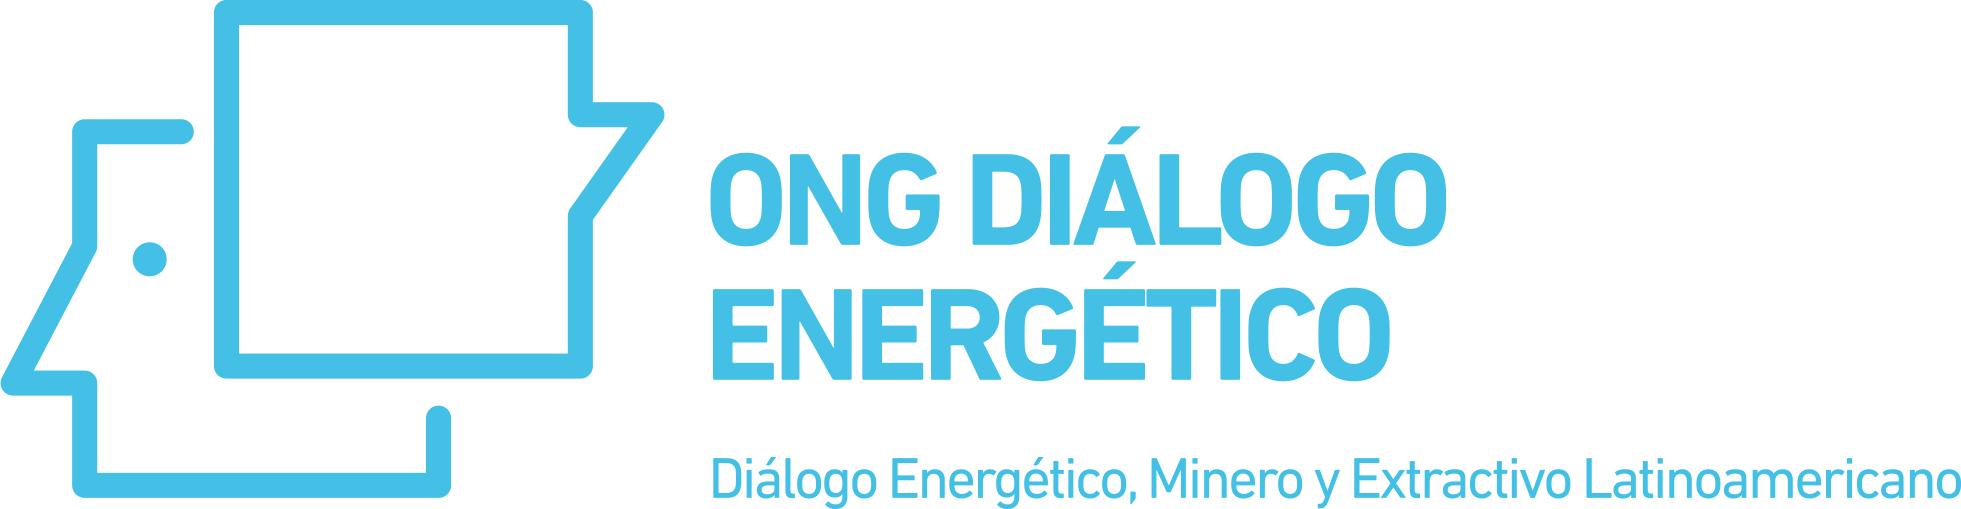 partner-logos_06